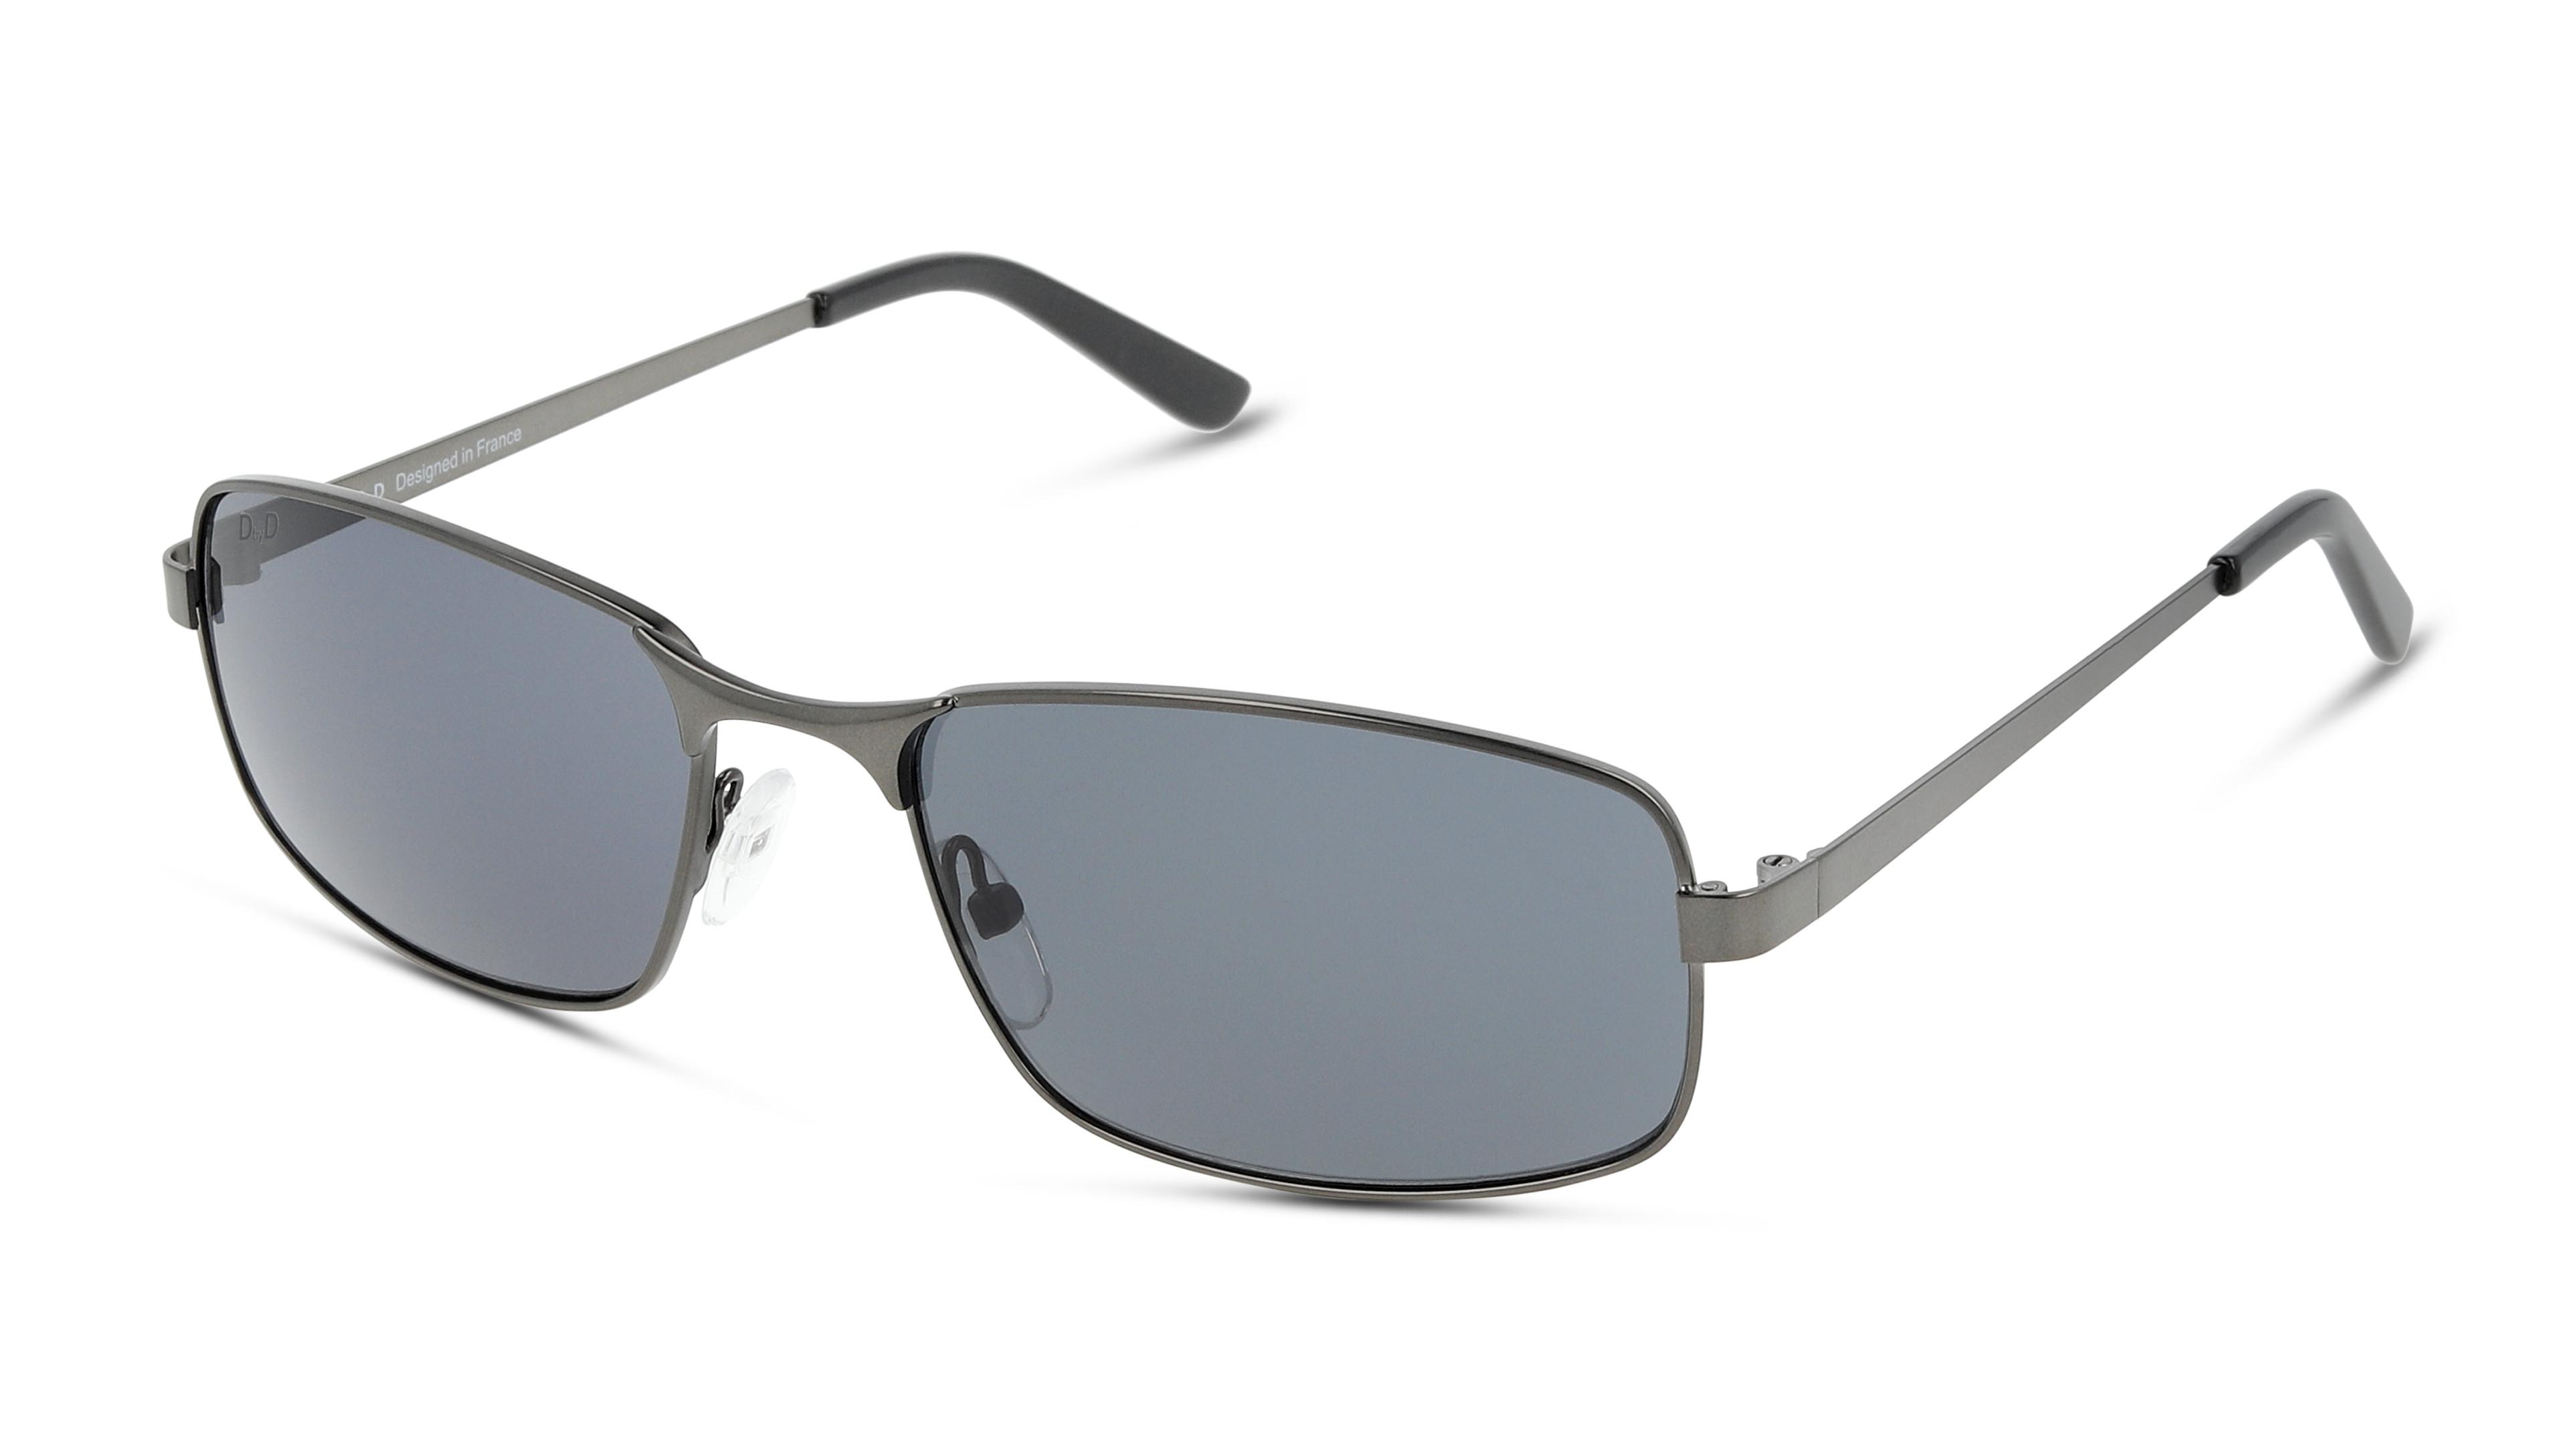 8719154733239-angle-03-dbyd-dbsm0015-eyewear-grey-grey